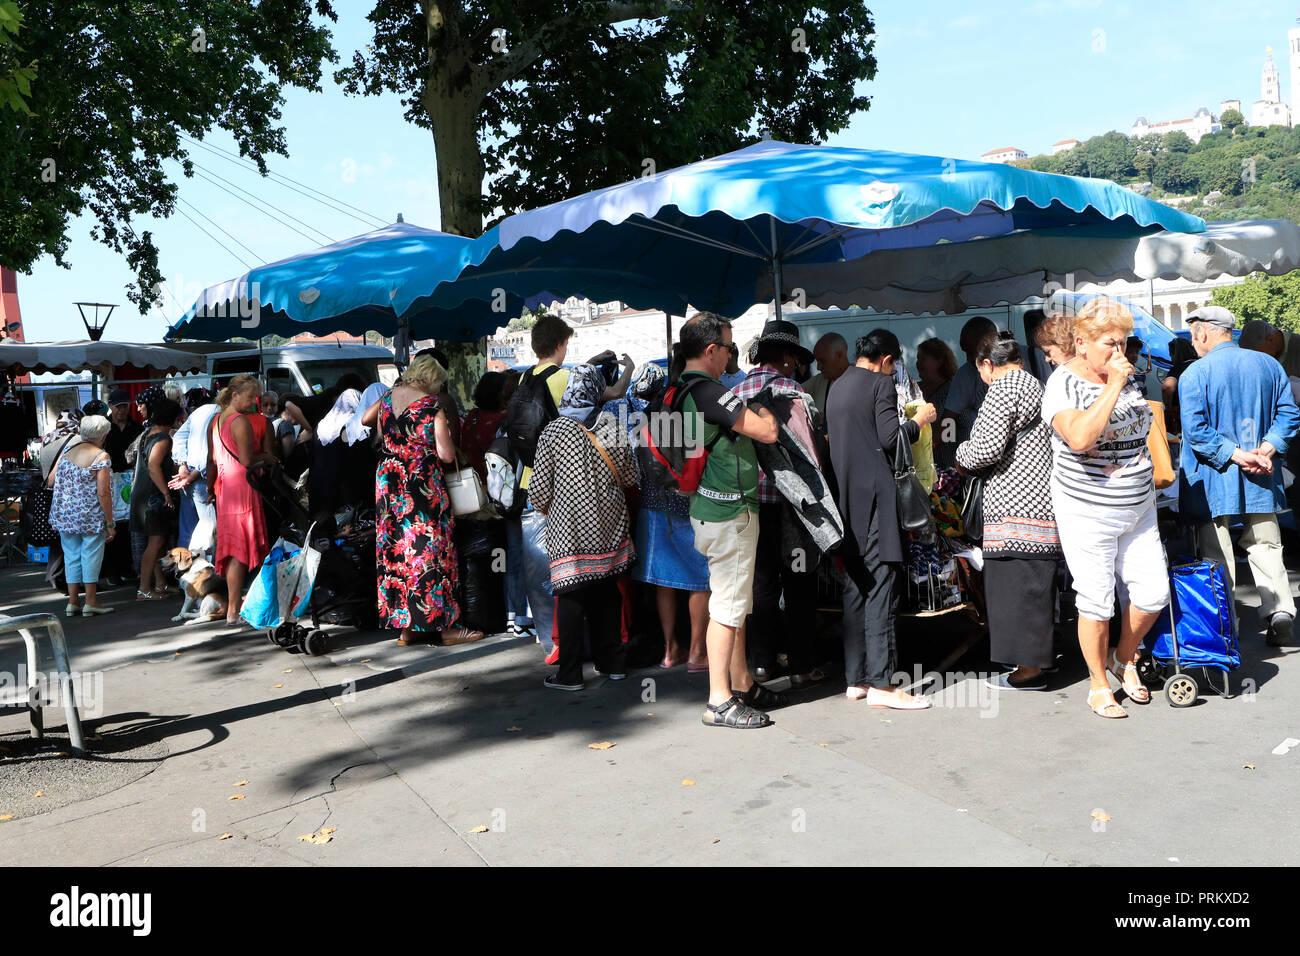 La rue du marché. Lyon. Rhone-Alpes. La France. Vie de tous les jours Photo Stock